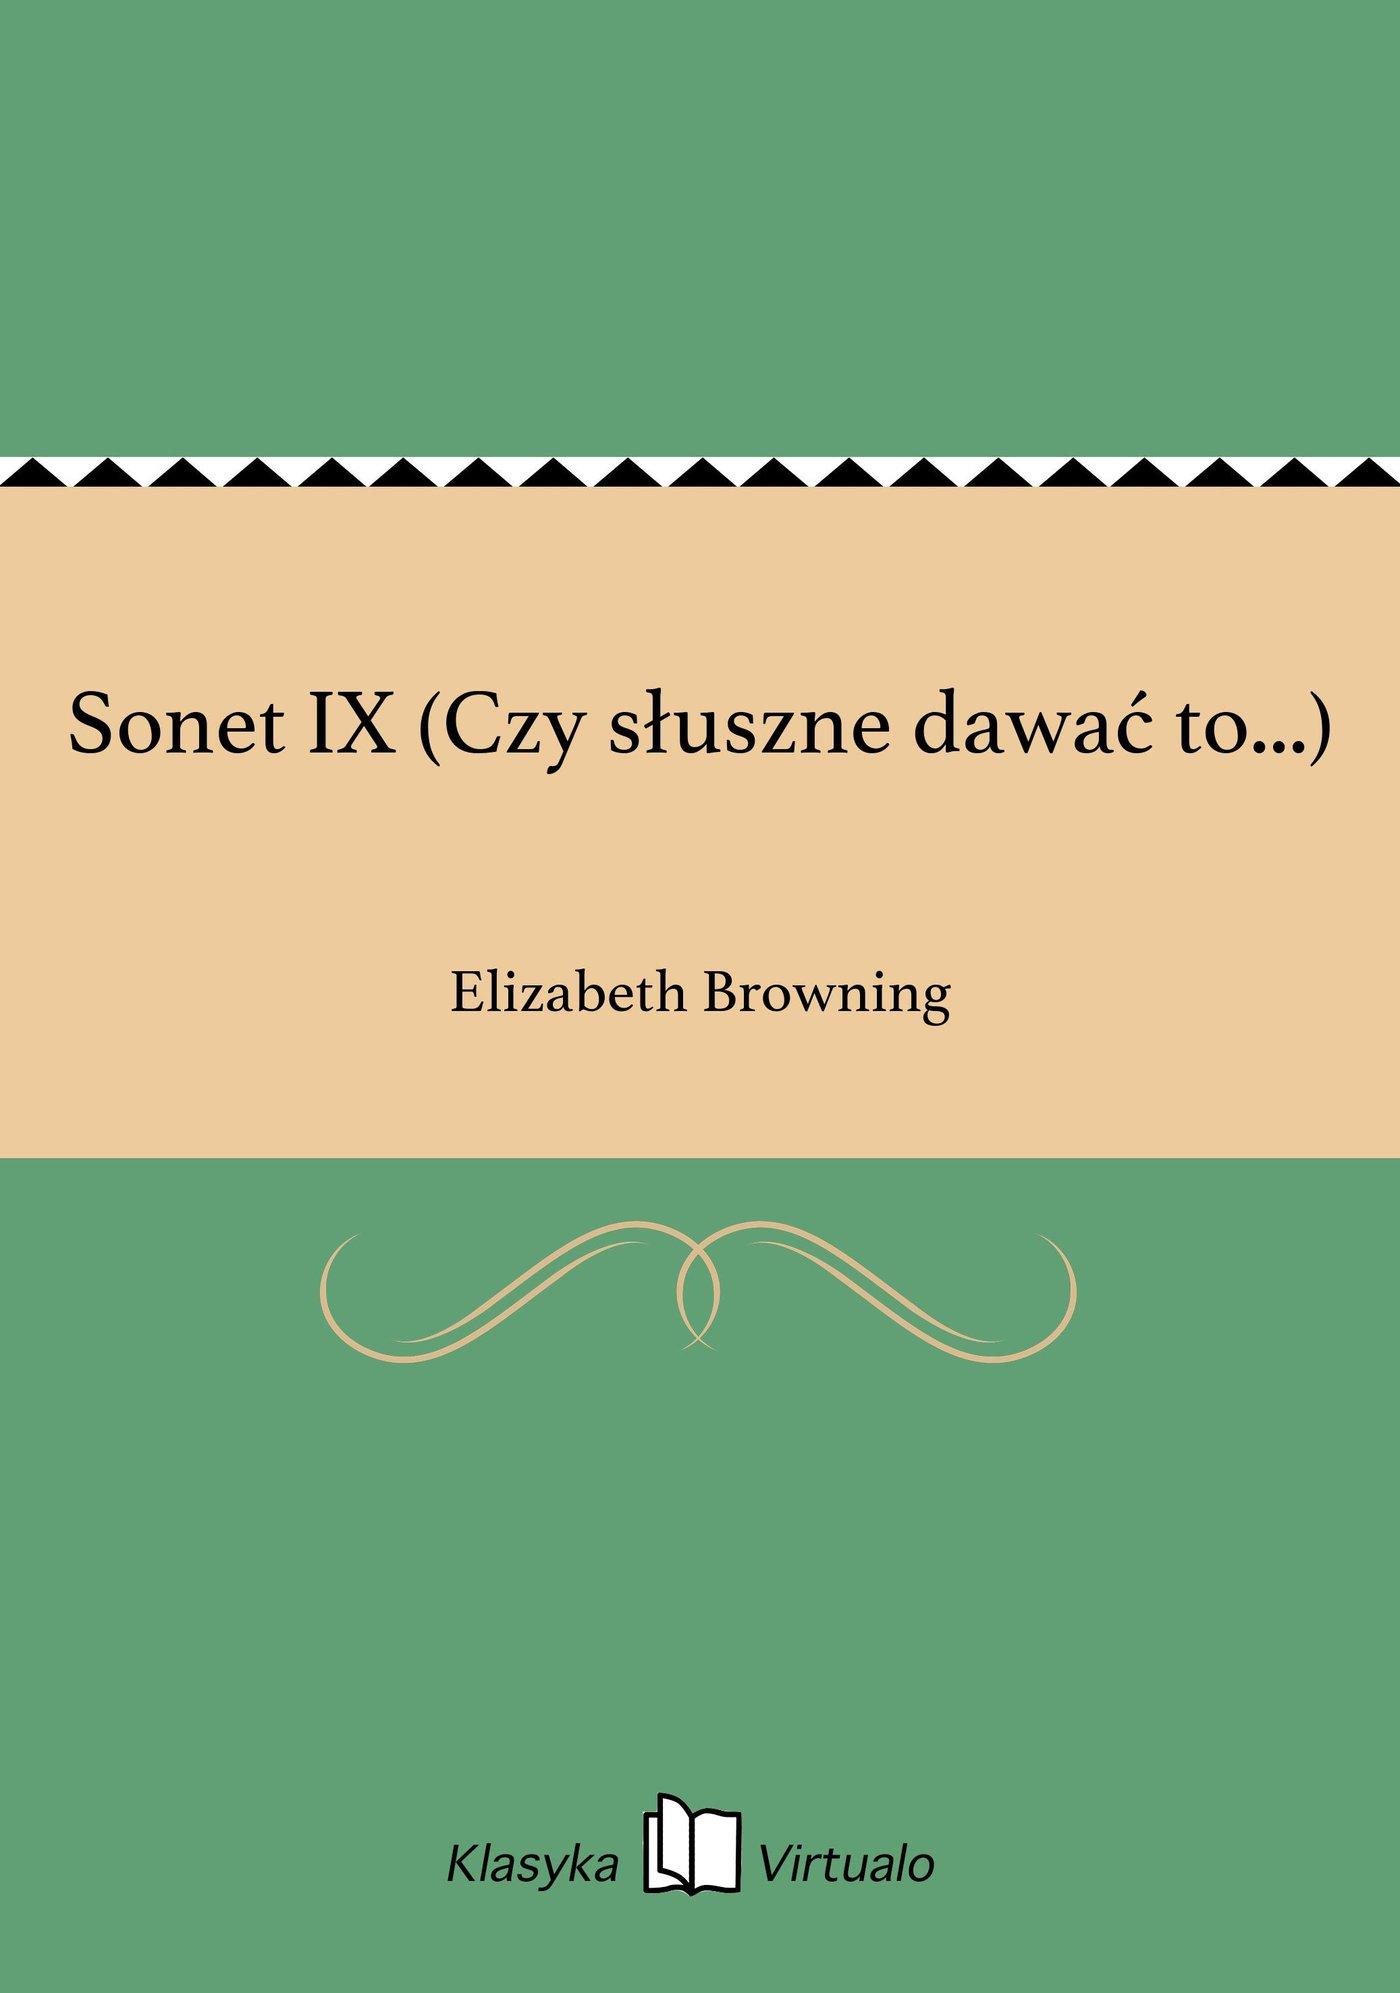 Sonet IX (Czy słuszne dawać to...) - Ebook (Książka EPUB) do pobrania w formacie EPUB